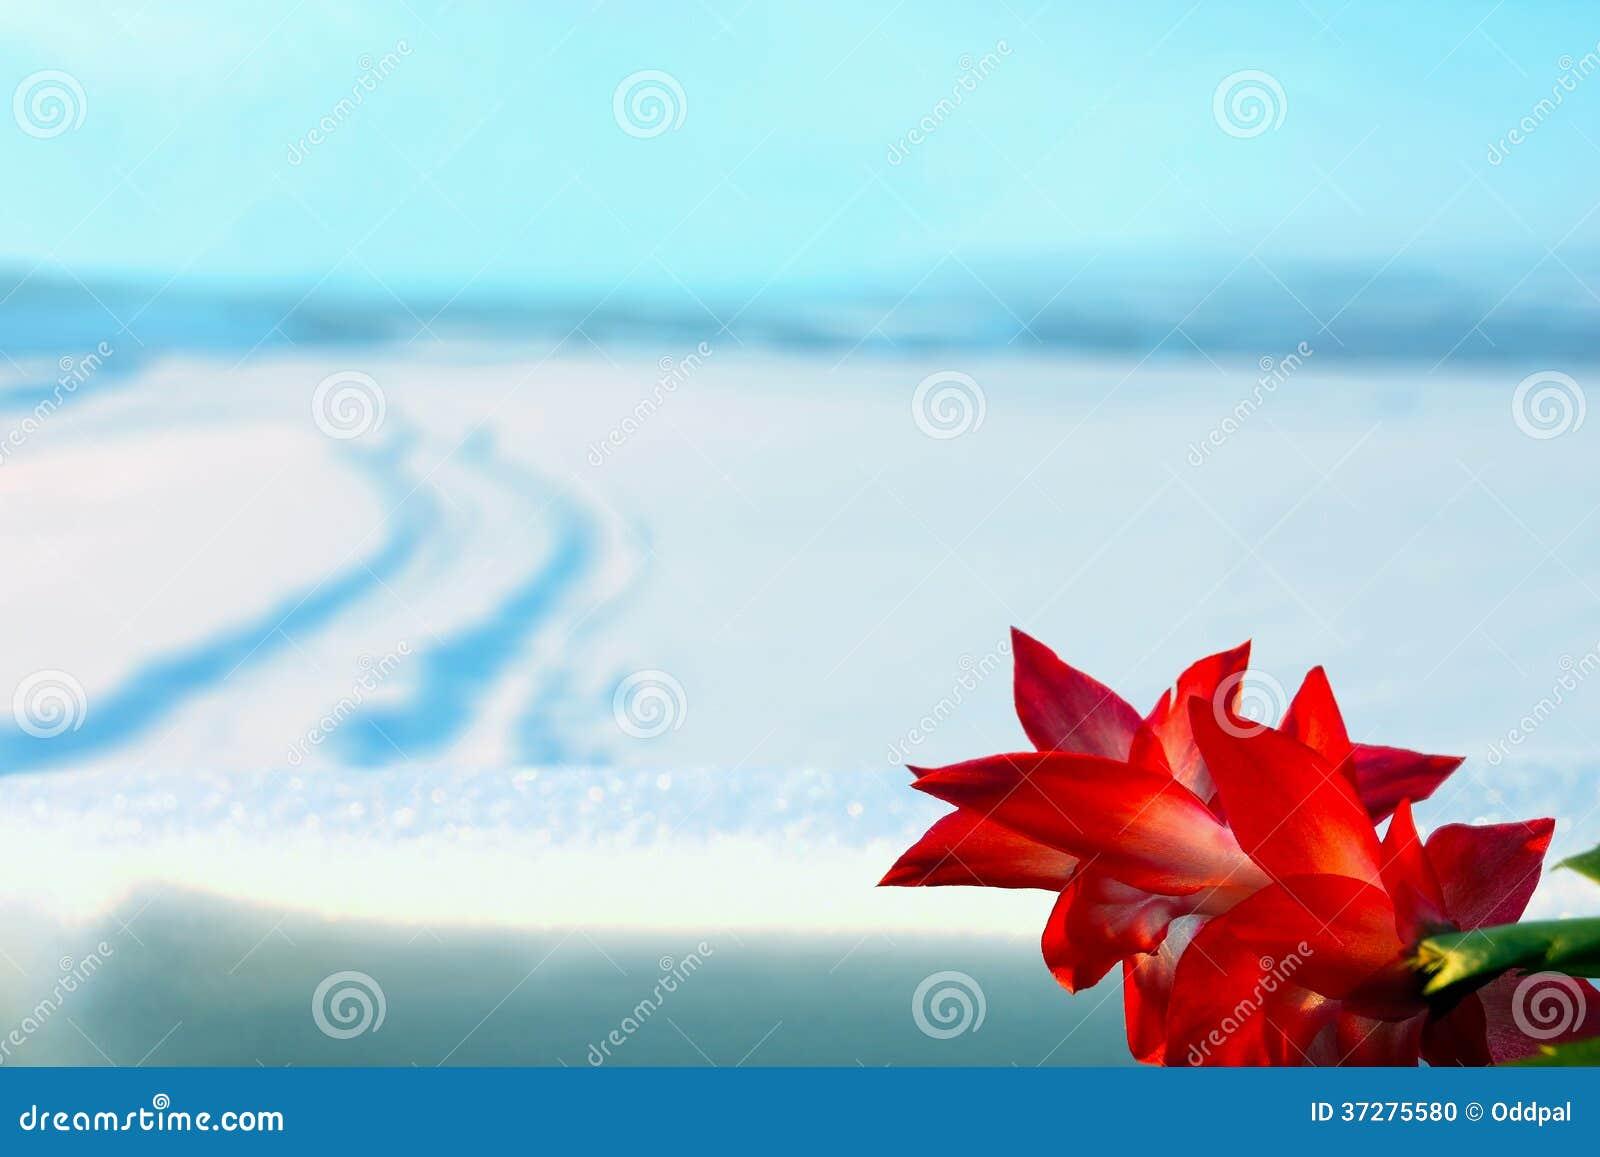 Fleur rouge et paysage d 39 hiver photo stock image 37275580 - Fleur d hiver exterieur ...